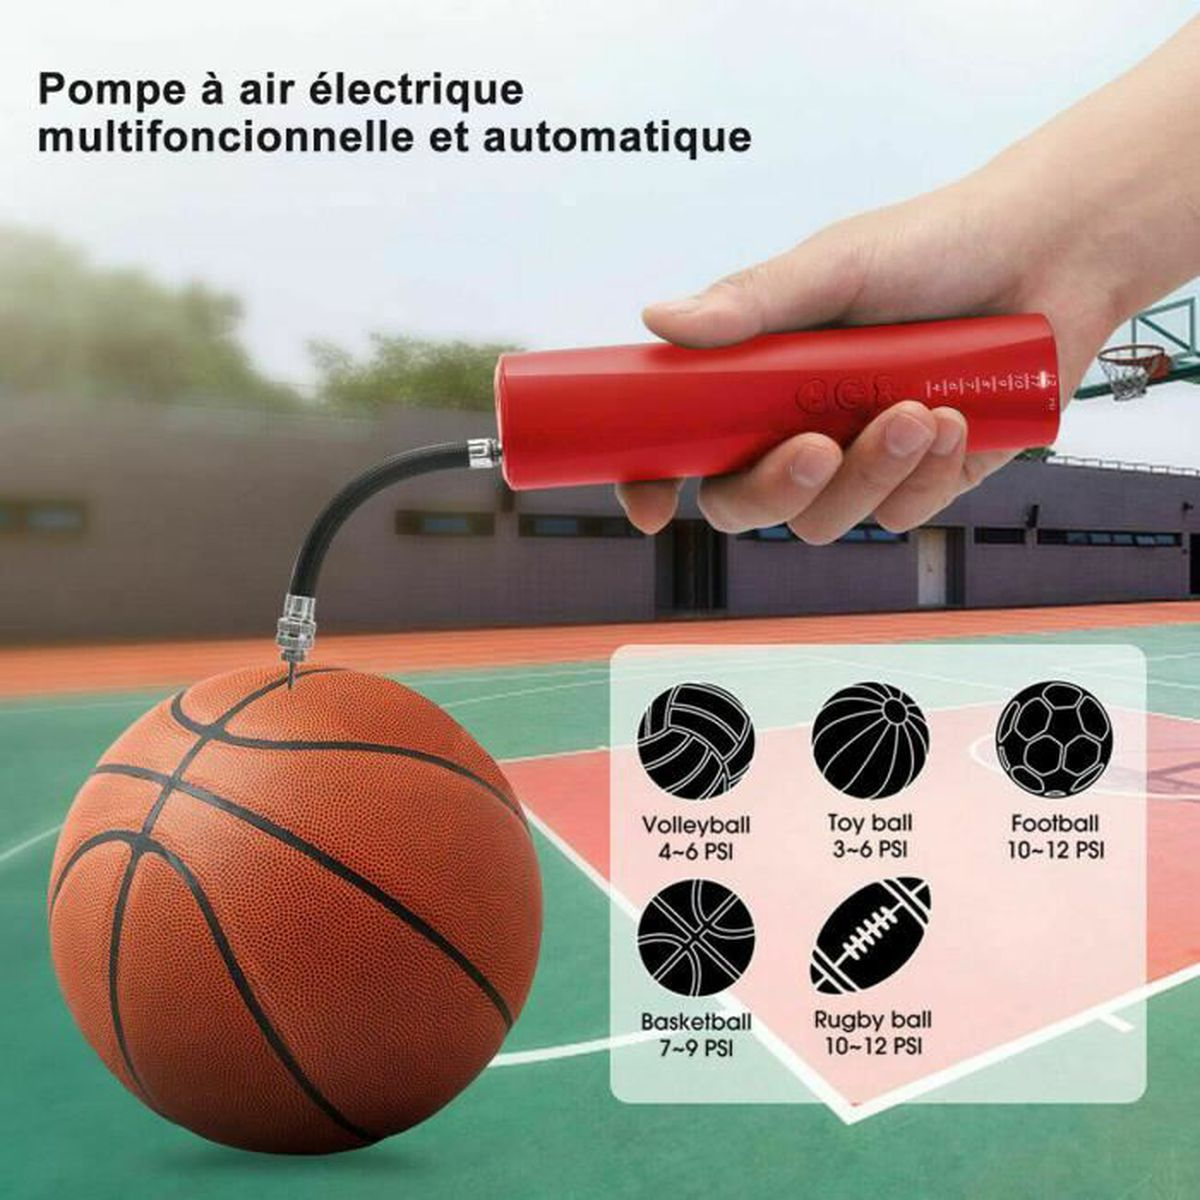 4 Main Pompe à air avec aiguille EQUIPE DE BASKET-BALL ballons sports football NOUVEAU!